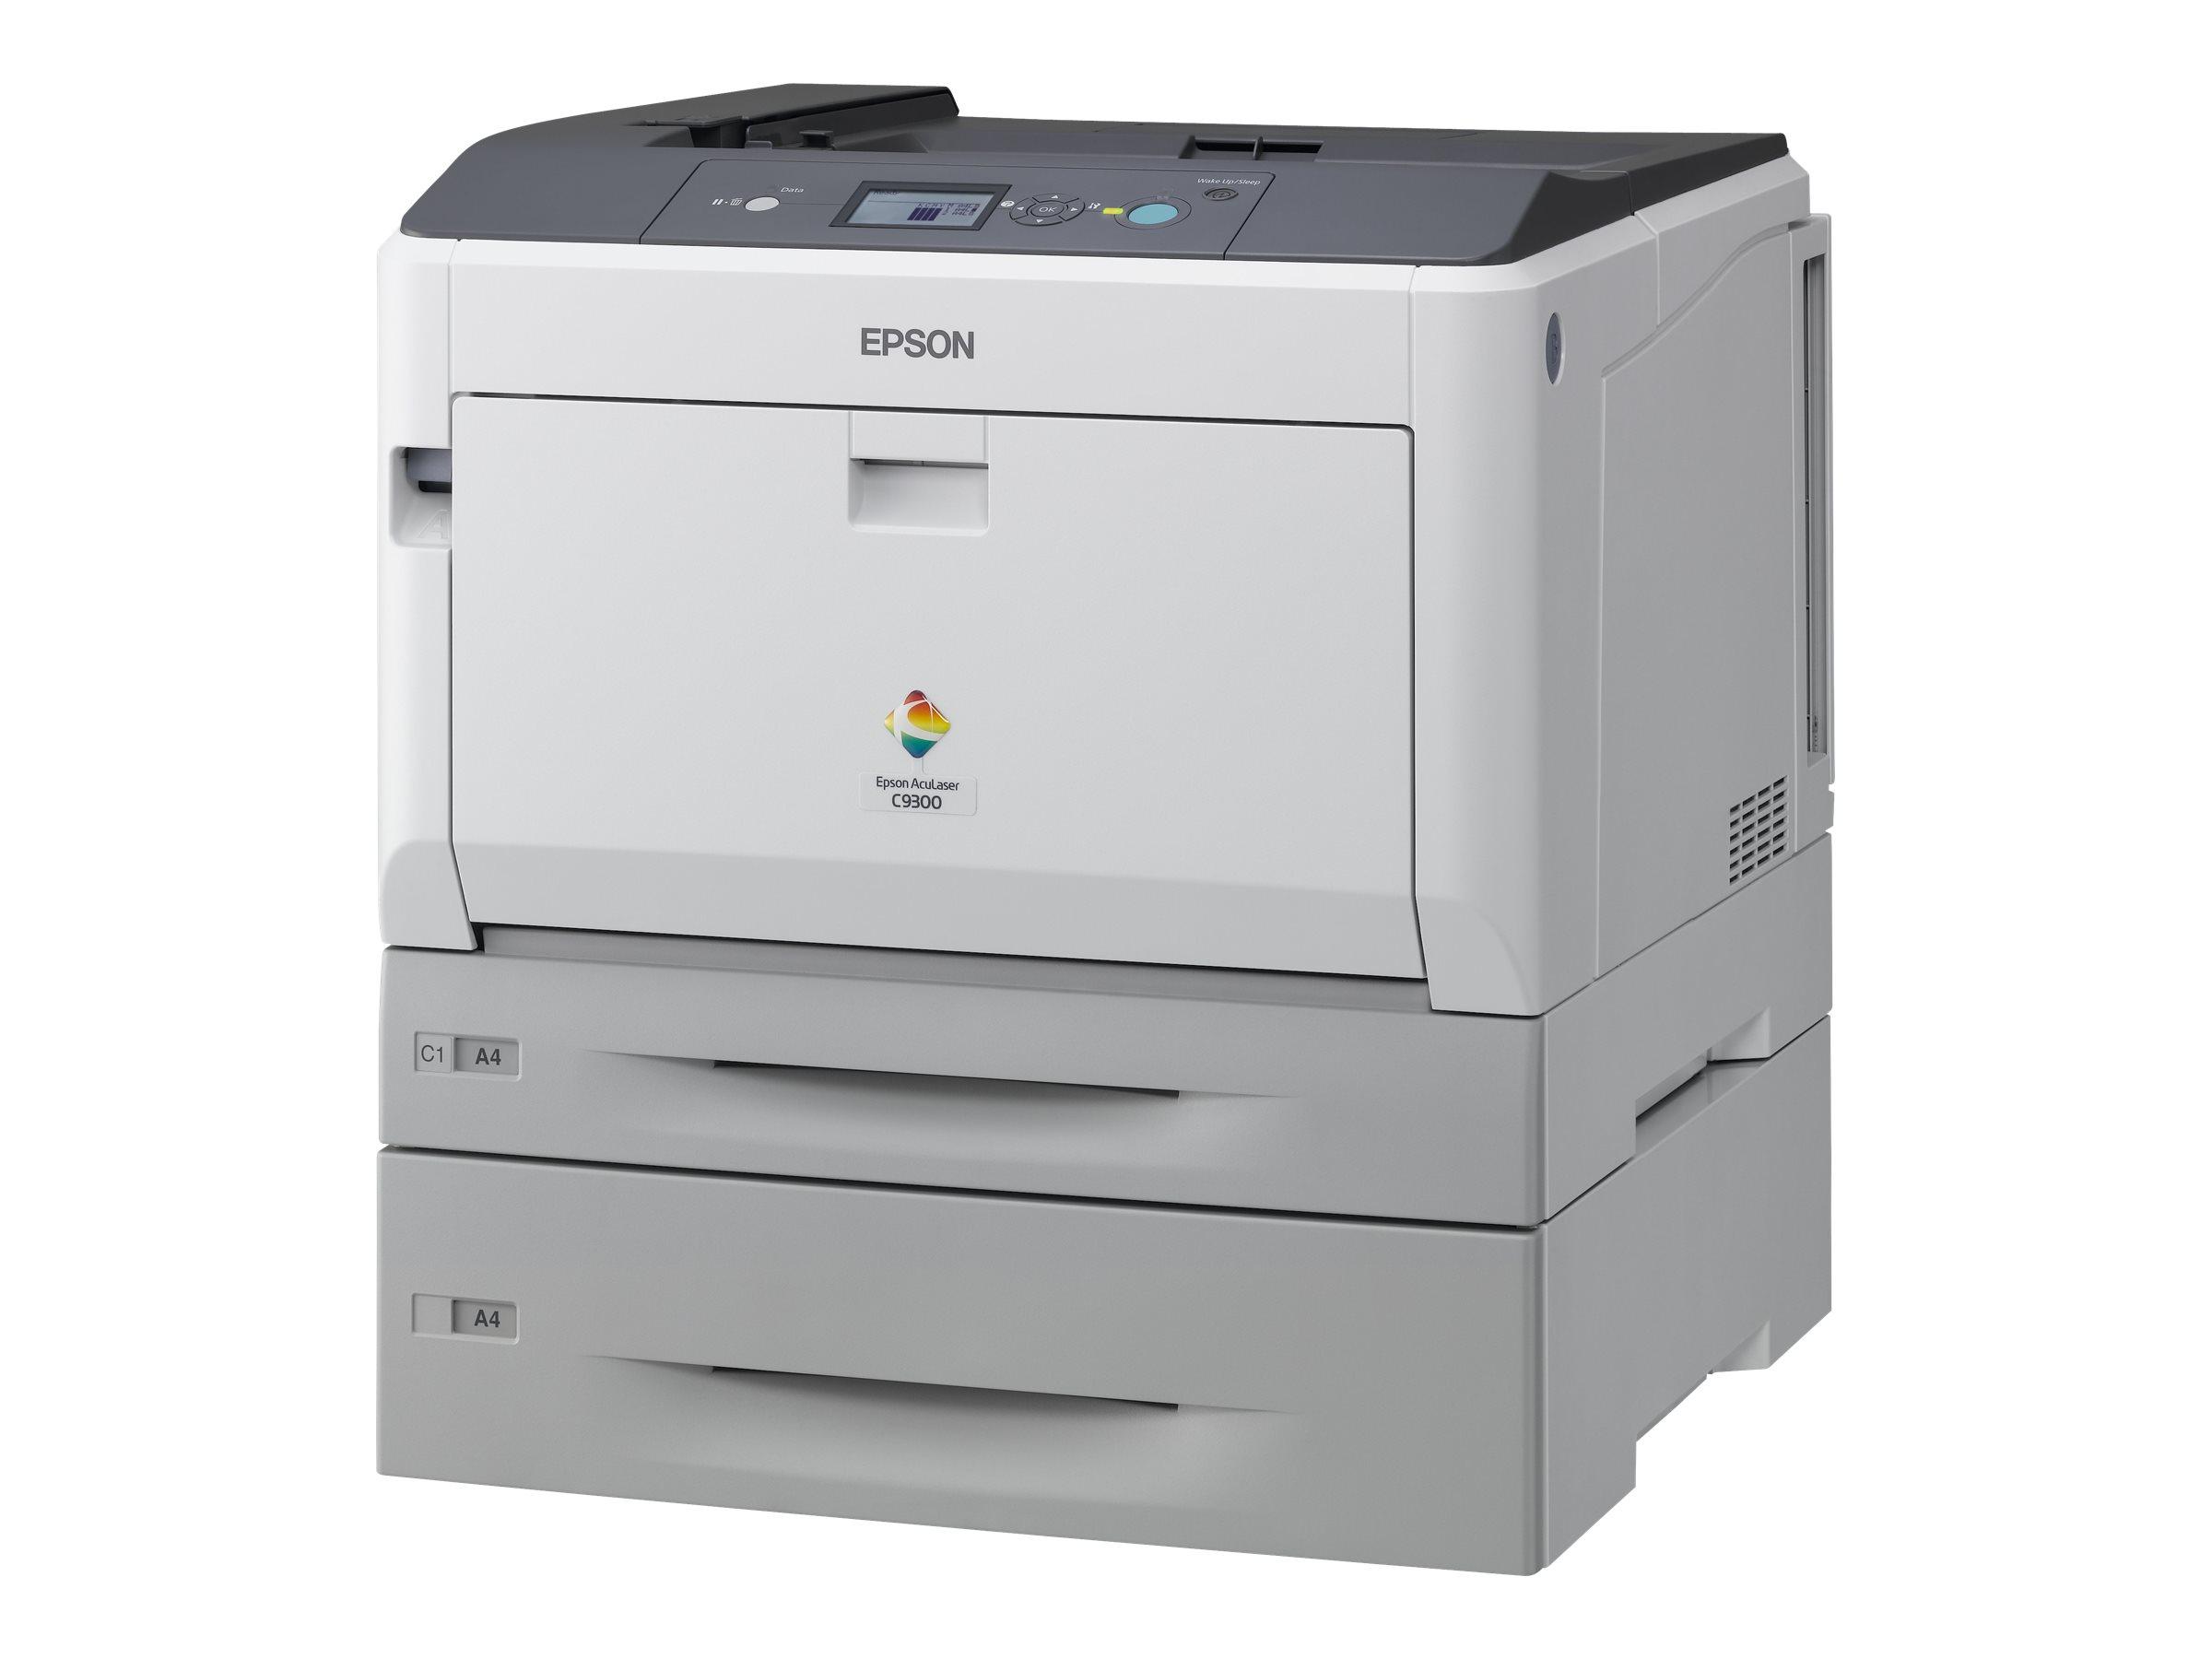 Epson AcuLaser C9300TN - Drucker - Farbe - Laser - A3/Ledger - 1200 dpi